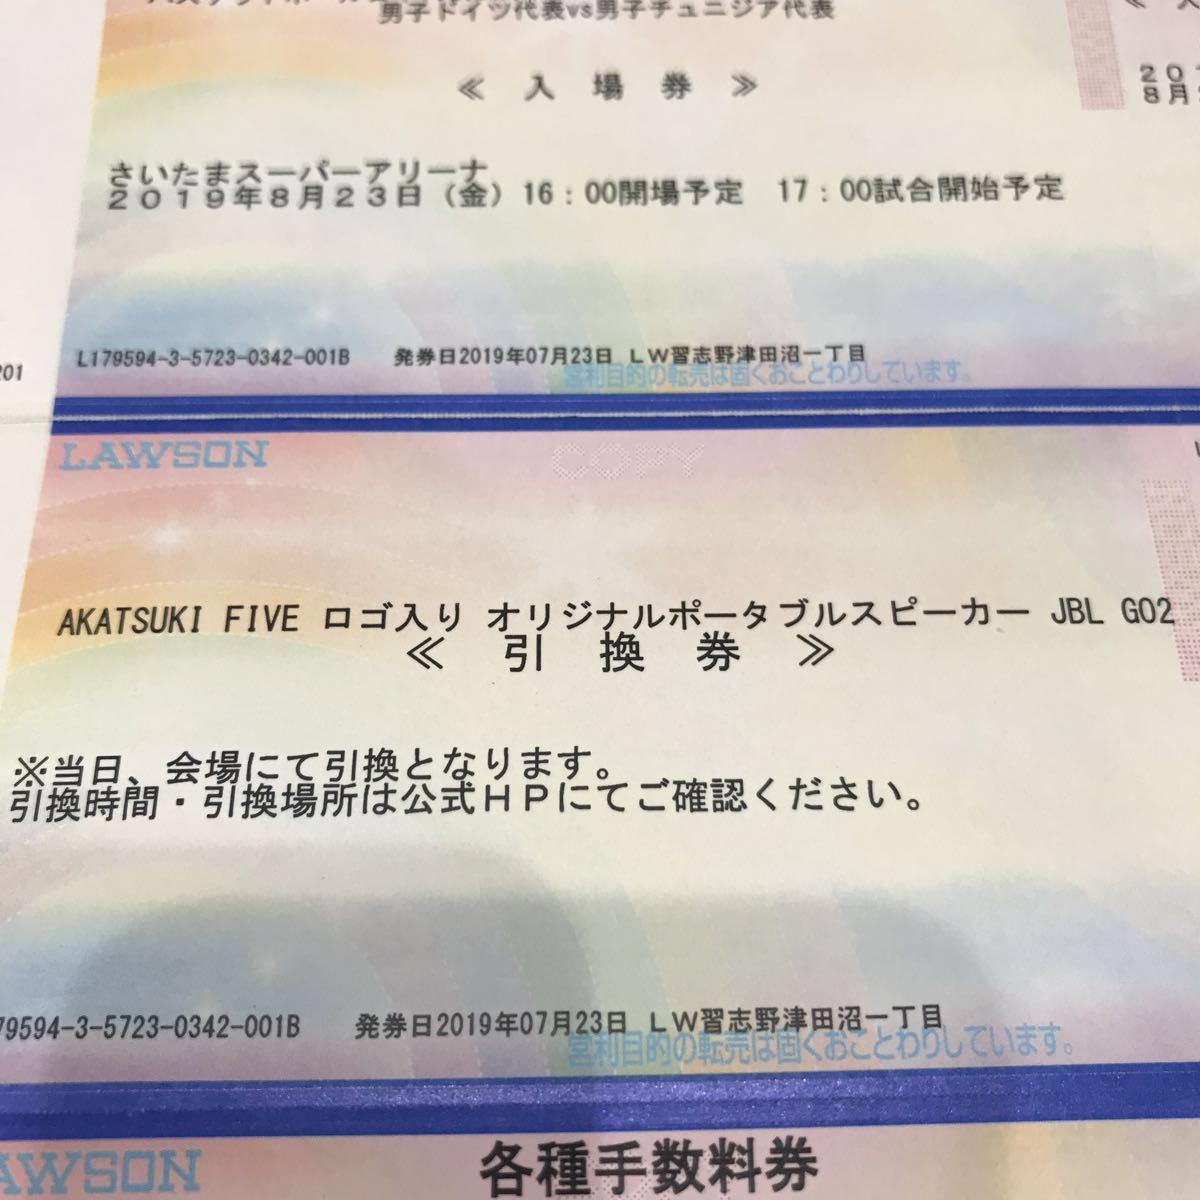 アカツキ ファイブ チケット